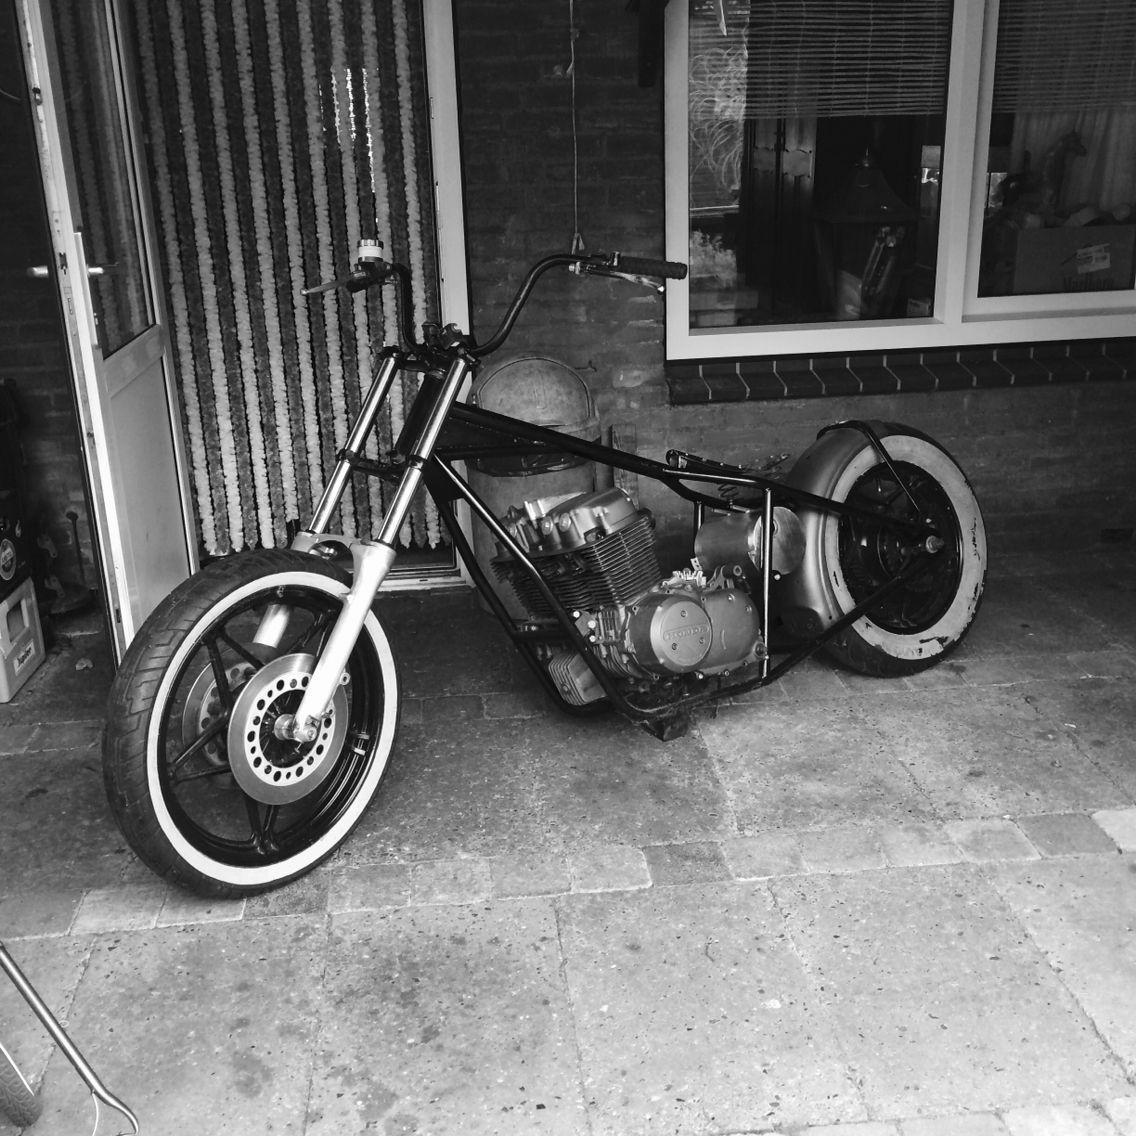 Roller!! Balhoofd gemaakt door sandergeckothanks dude